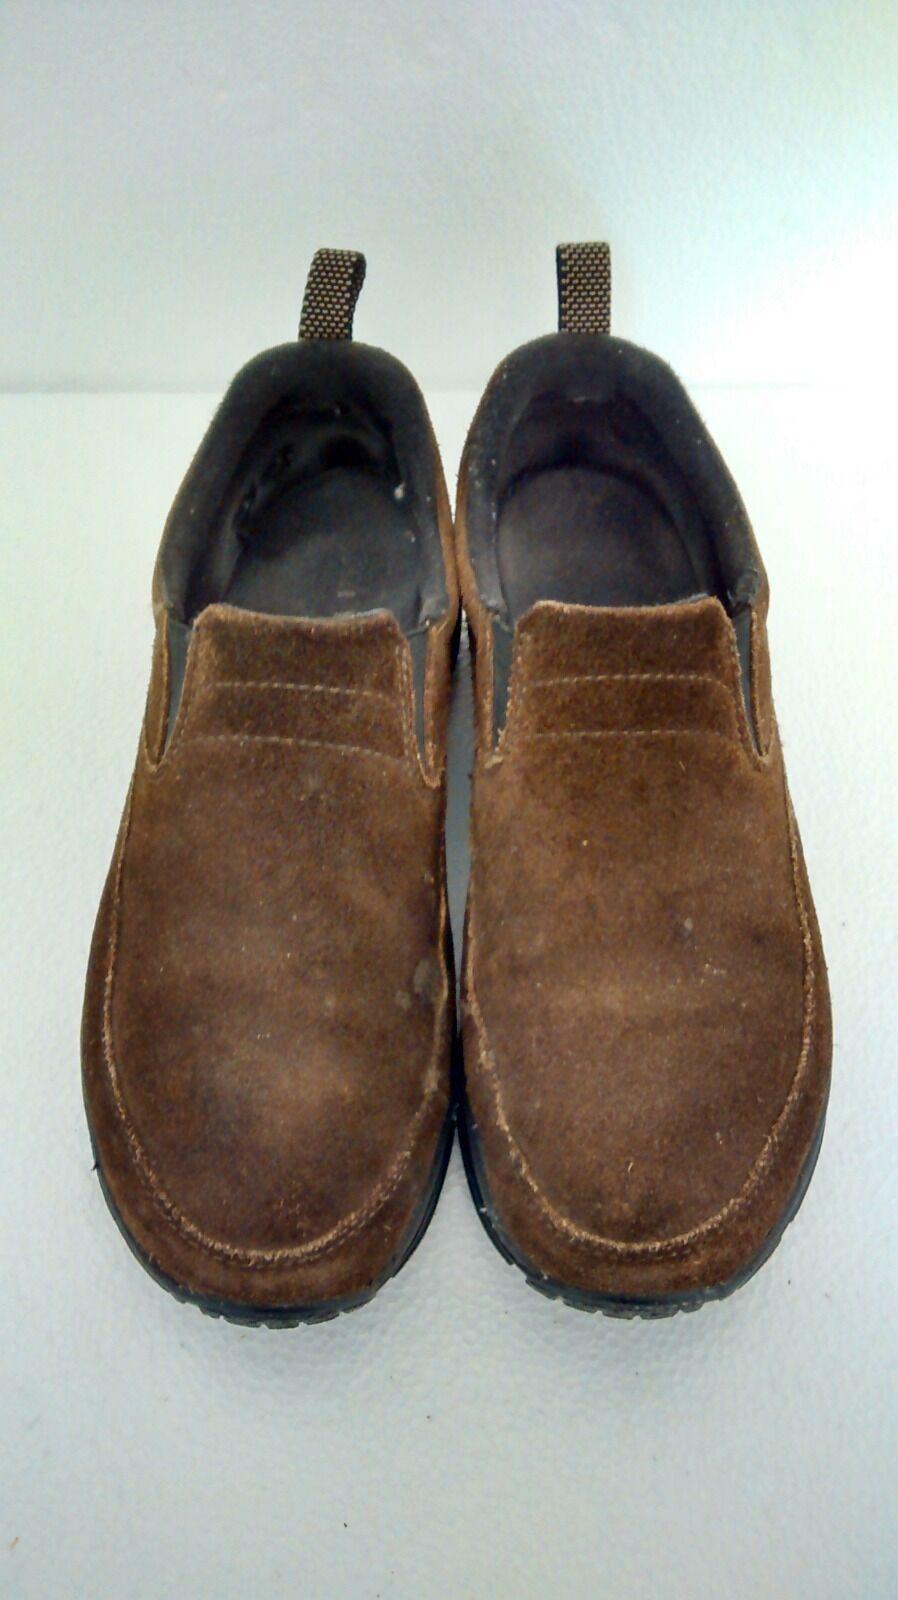 L.L. Bean Women's Comfort Mocs Brown Leather Hiking Boots shoes SZ 9M